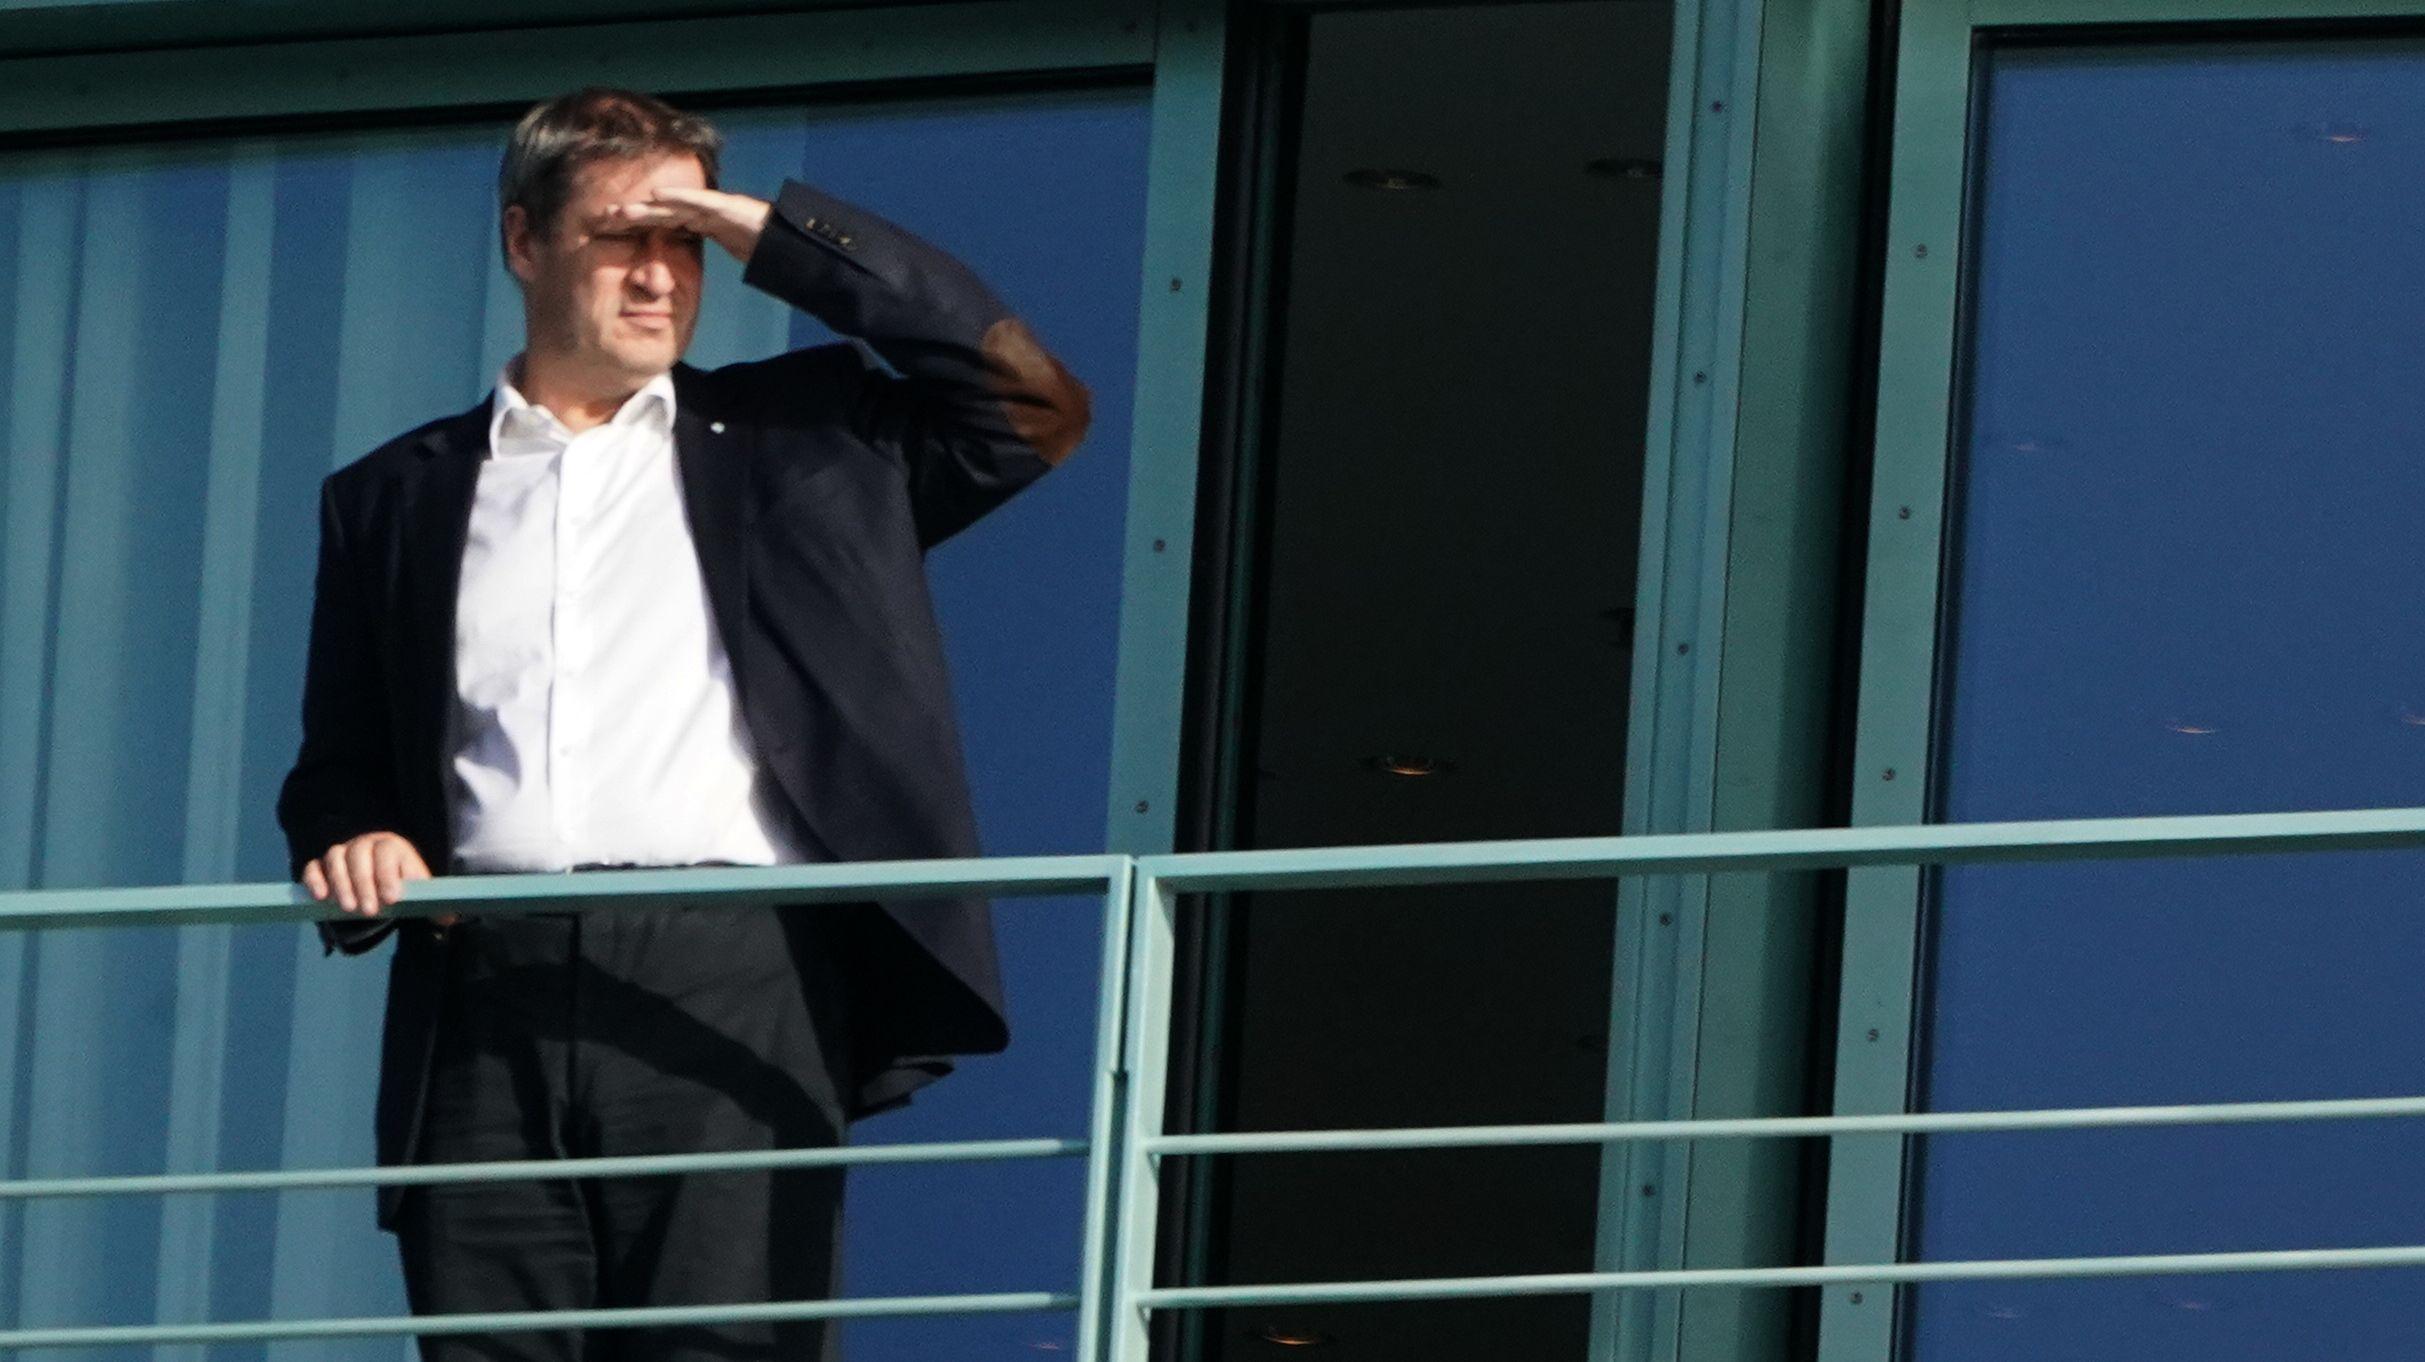 Markus Söder beim Treffen des Koalitionsausschusses im Kanzleramt auf dem Balkon.